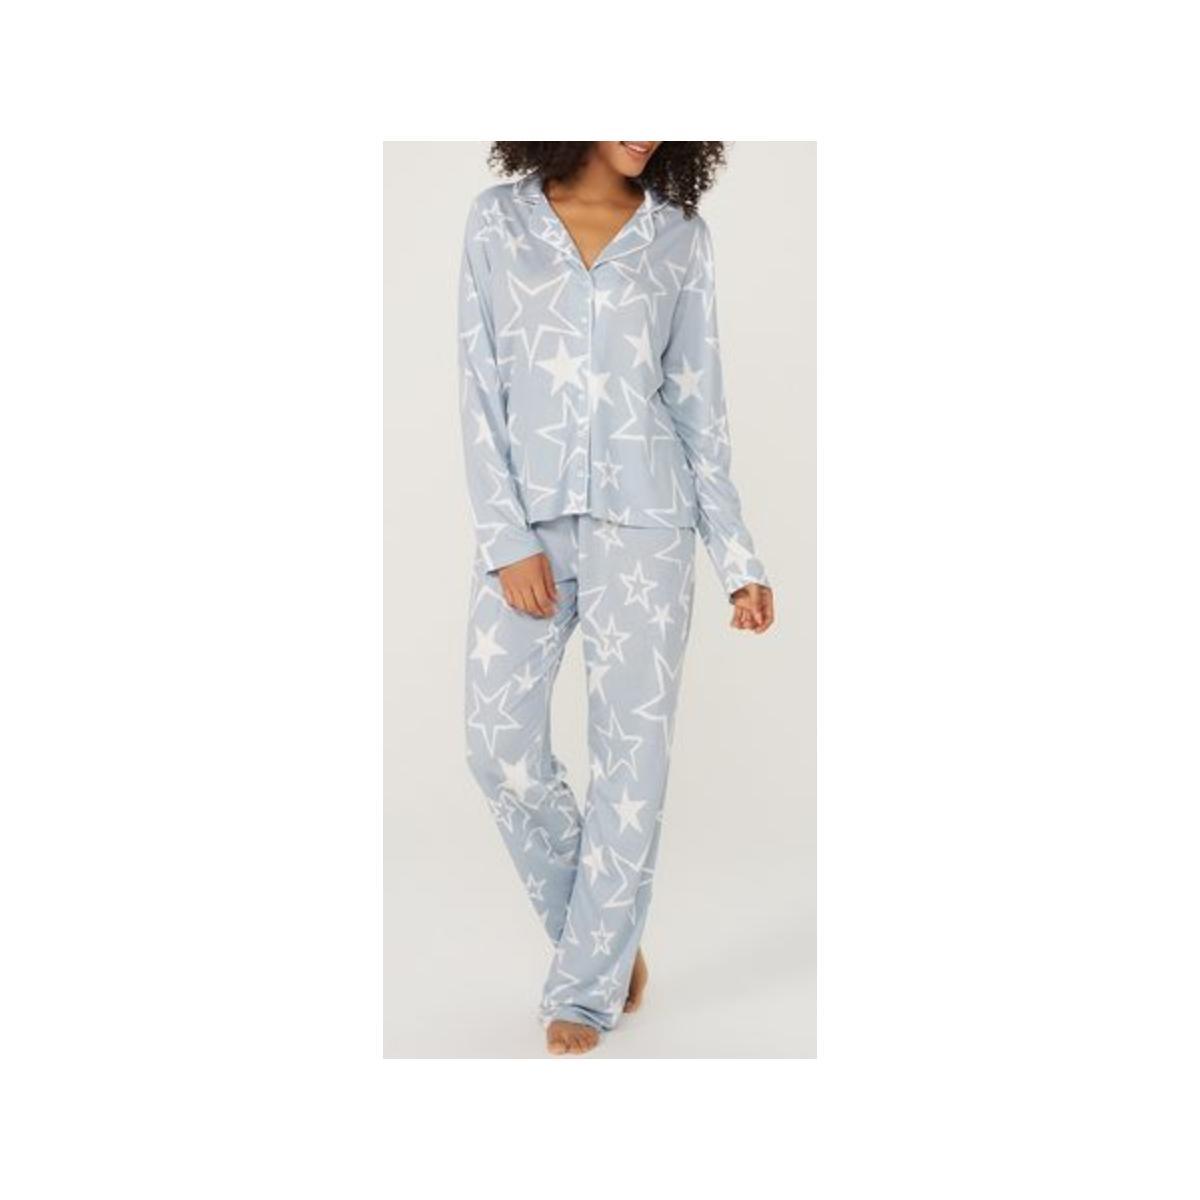 Pijama Feminina Hering 7cek 1fen Azul/branco